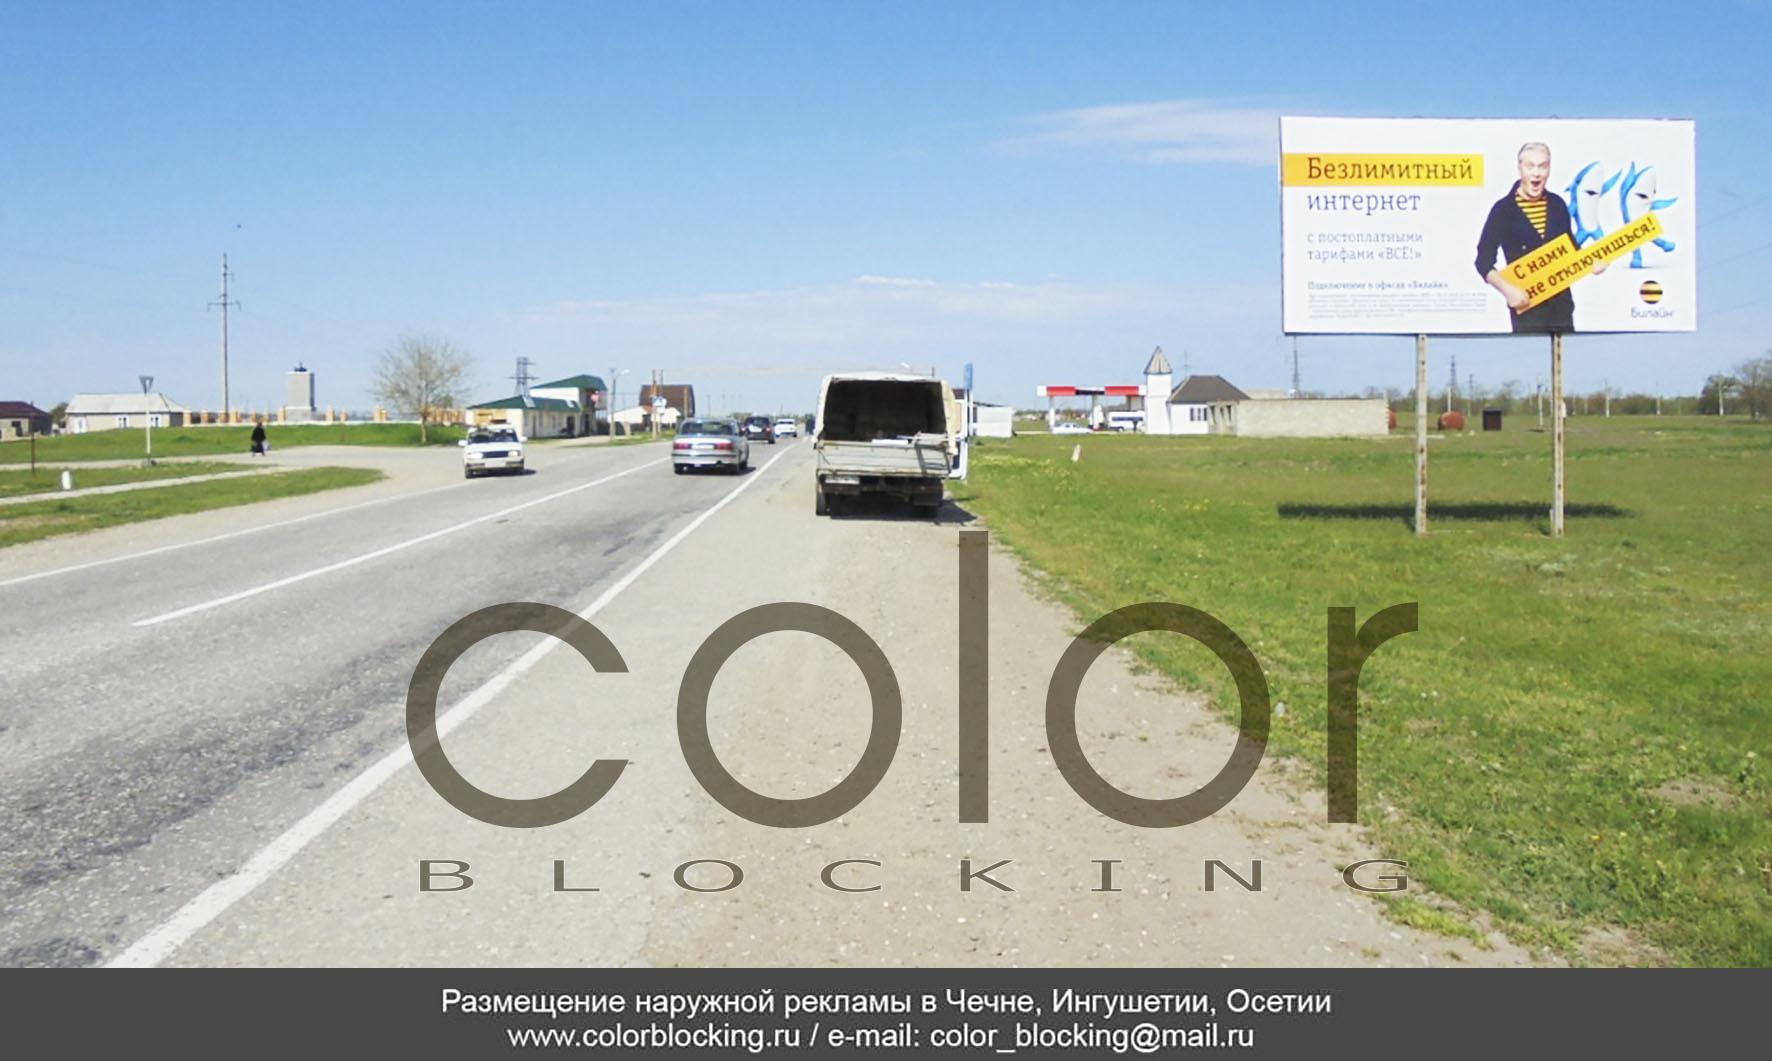 Наружная реклама в населенных пунктах Чечни Николаевская